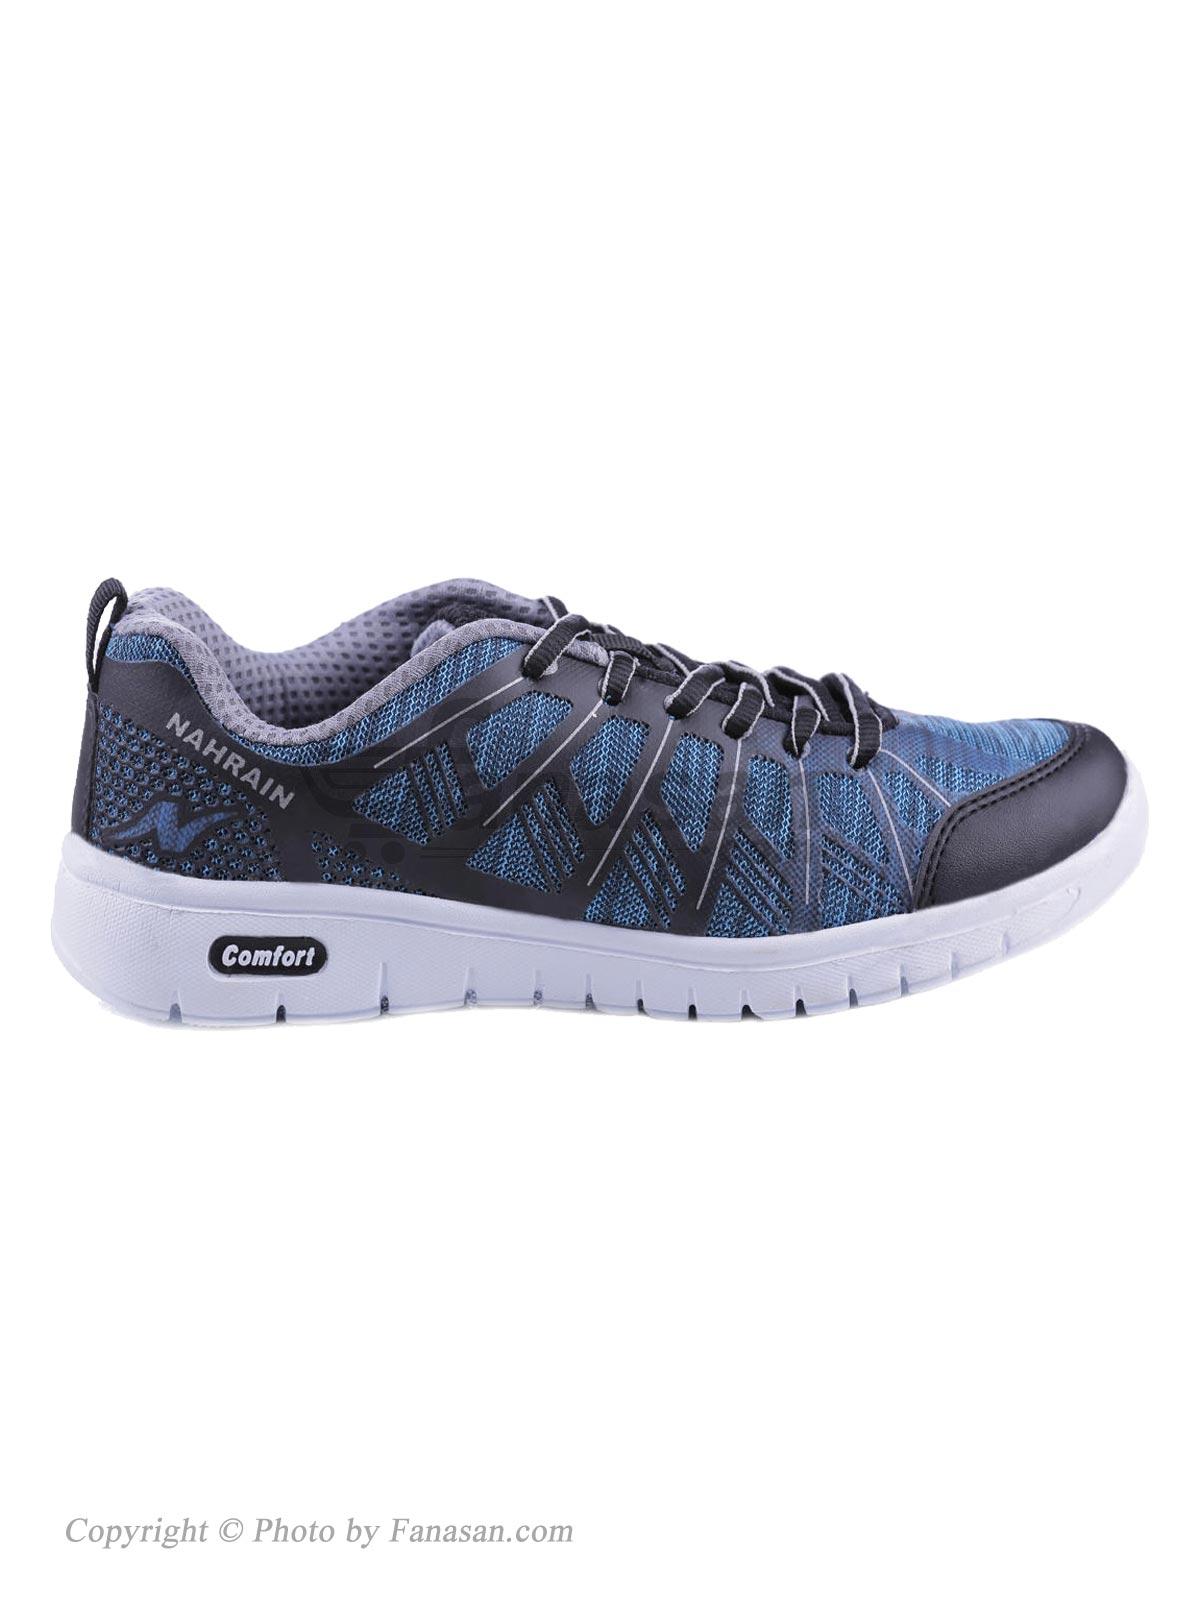 کفش زنانه نهرین مخصوص دویدن و پیاده روی مدل هما آبی مشکی سایز 37